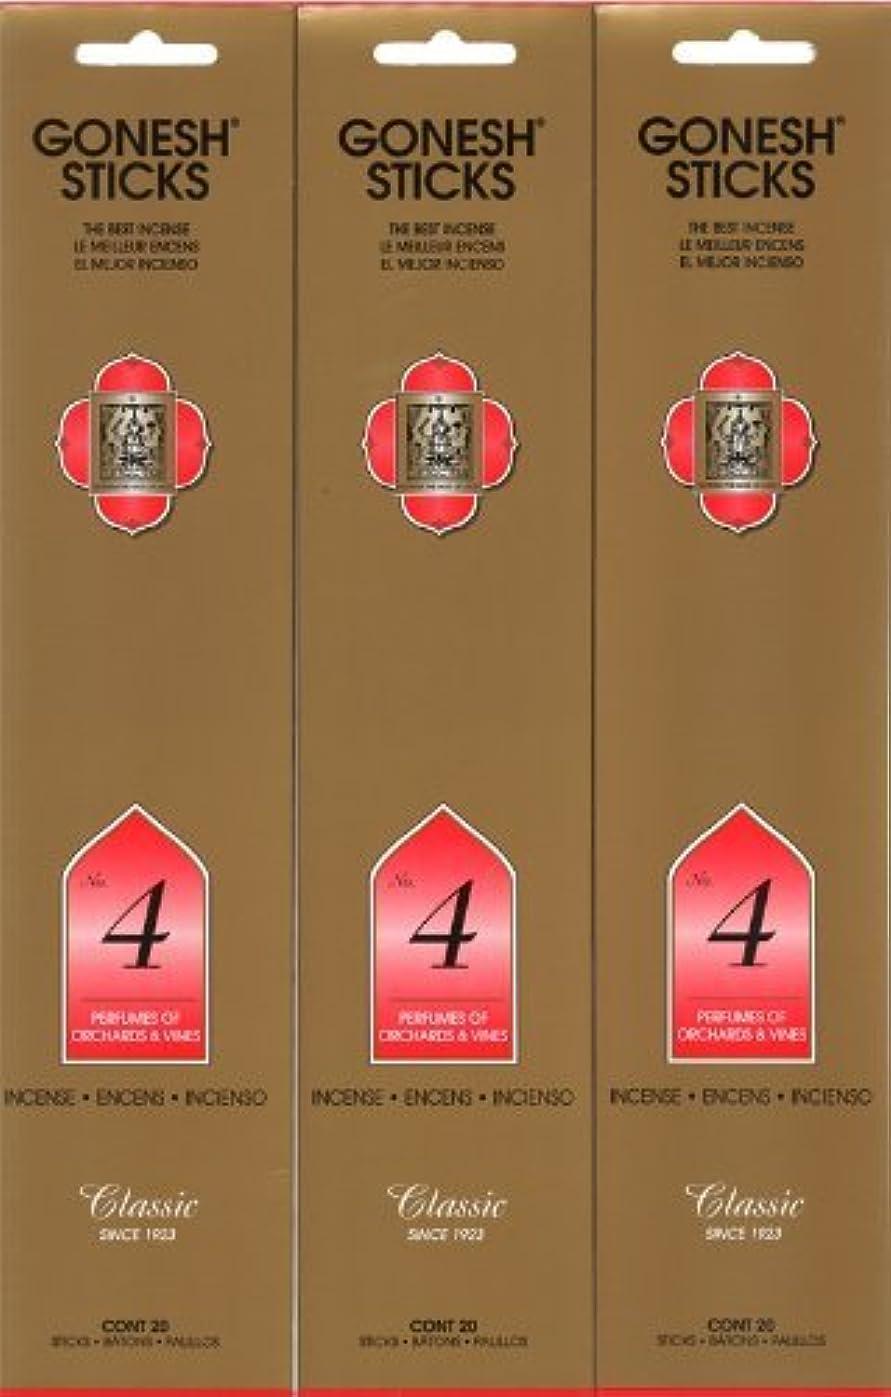 アルカイックメイト運動するGONESH インセンス No.4 スティック 20本入り X 3パック (60本)